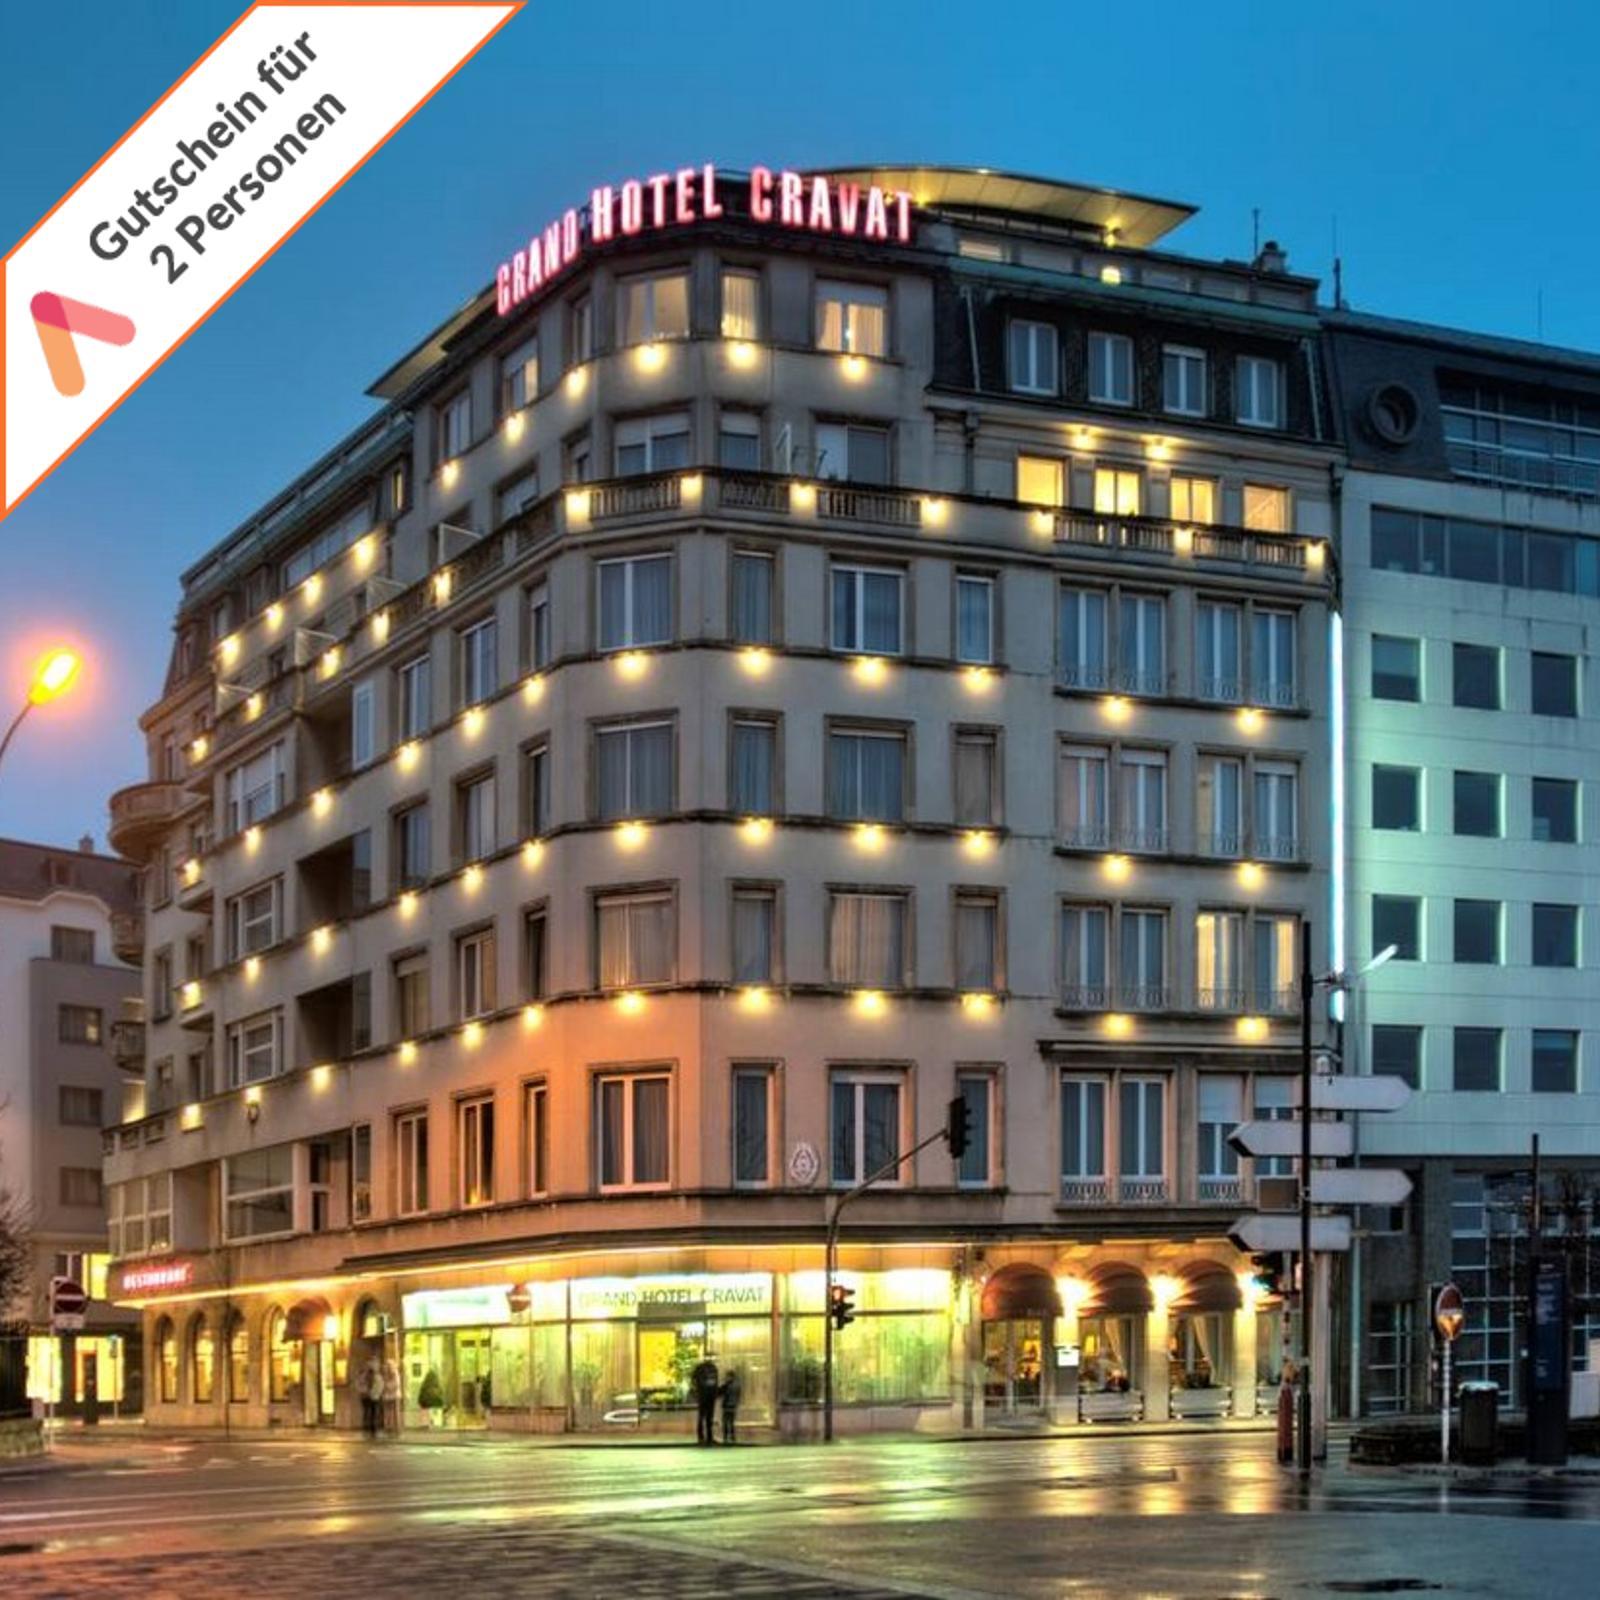 Wochenende-Kurzreise-Luxemburg-Grand-Hotel-3-Tage-fuer-2-Personen-Gutschein